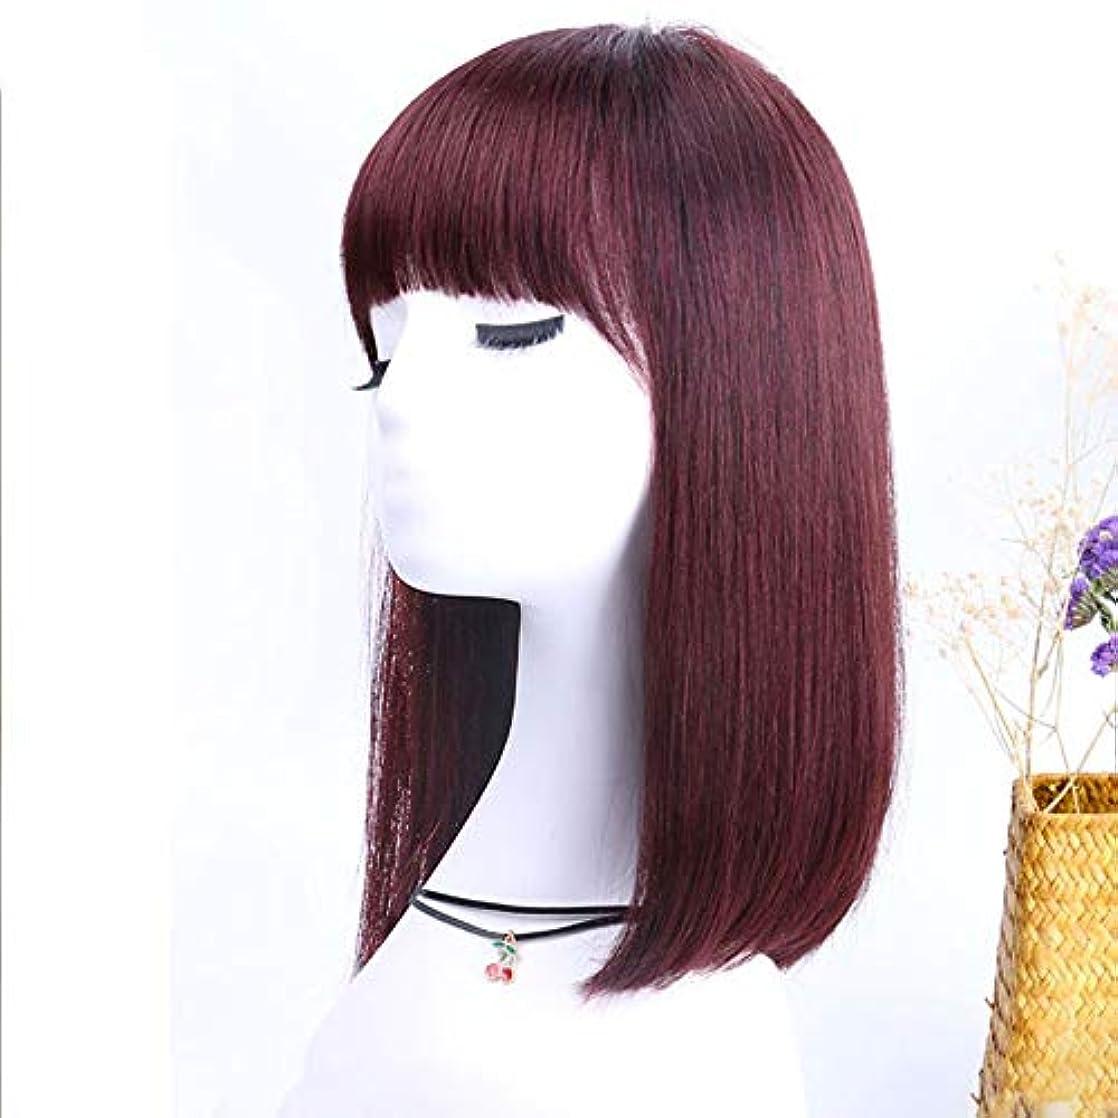 安息忌避剤持続的YOUQIU 女性のパーティードレス毎日ウィッグのために本物の人間の髪の毛ボブウィッグショルダーストレート髪の内側にバックル梨ヘッド (色 : Dark brown)